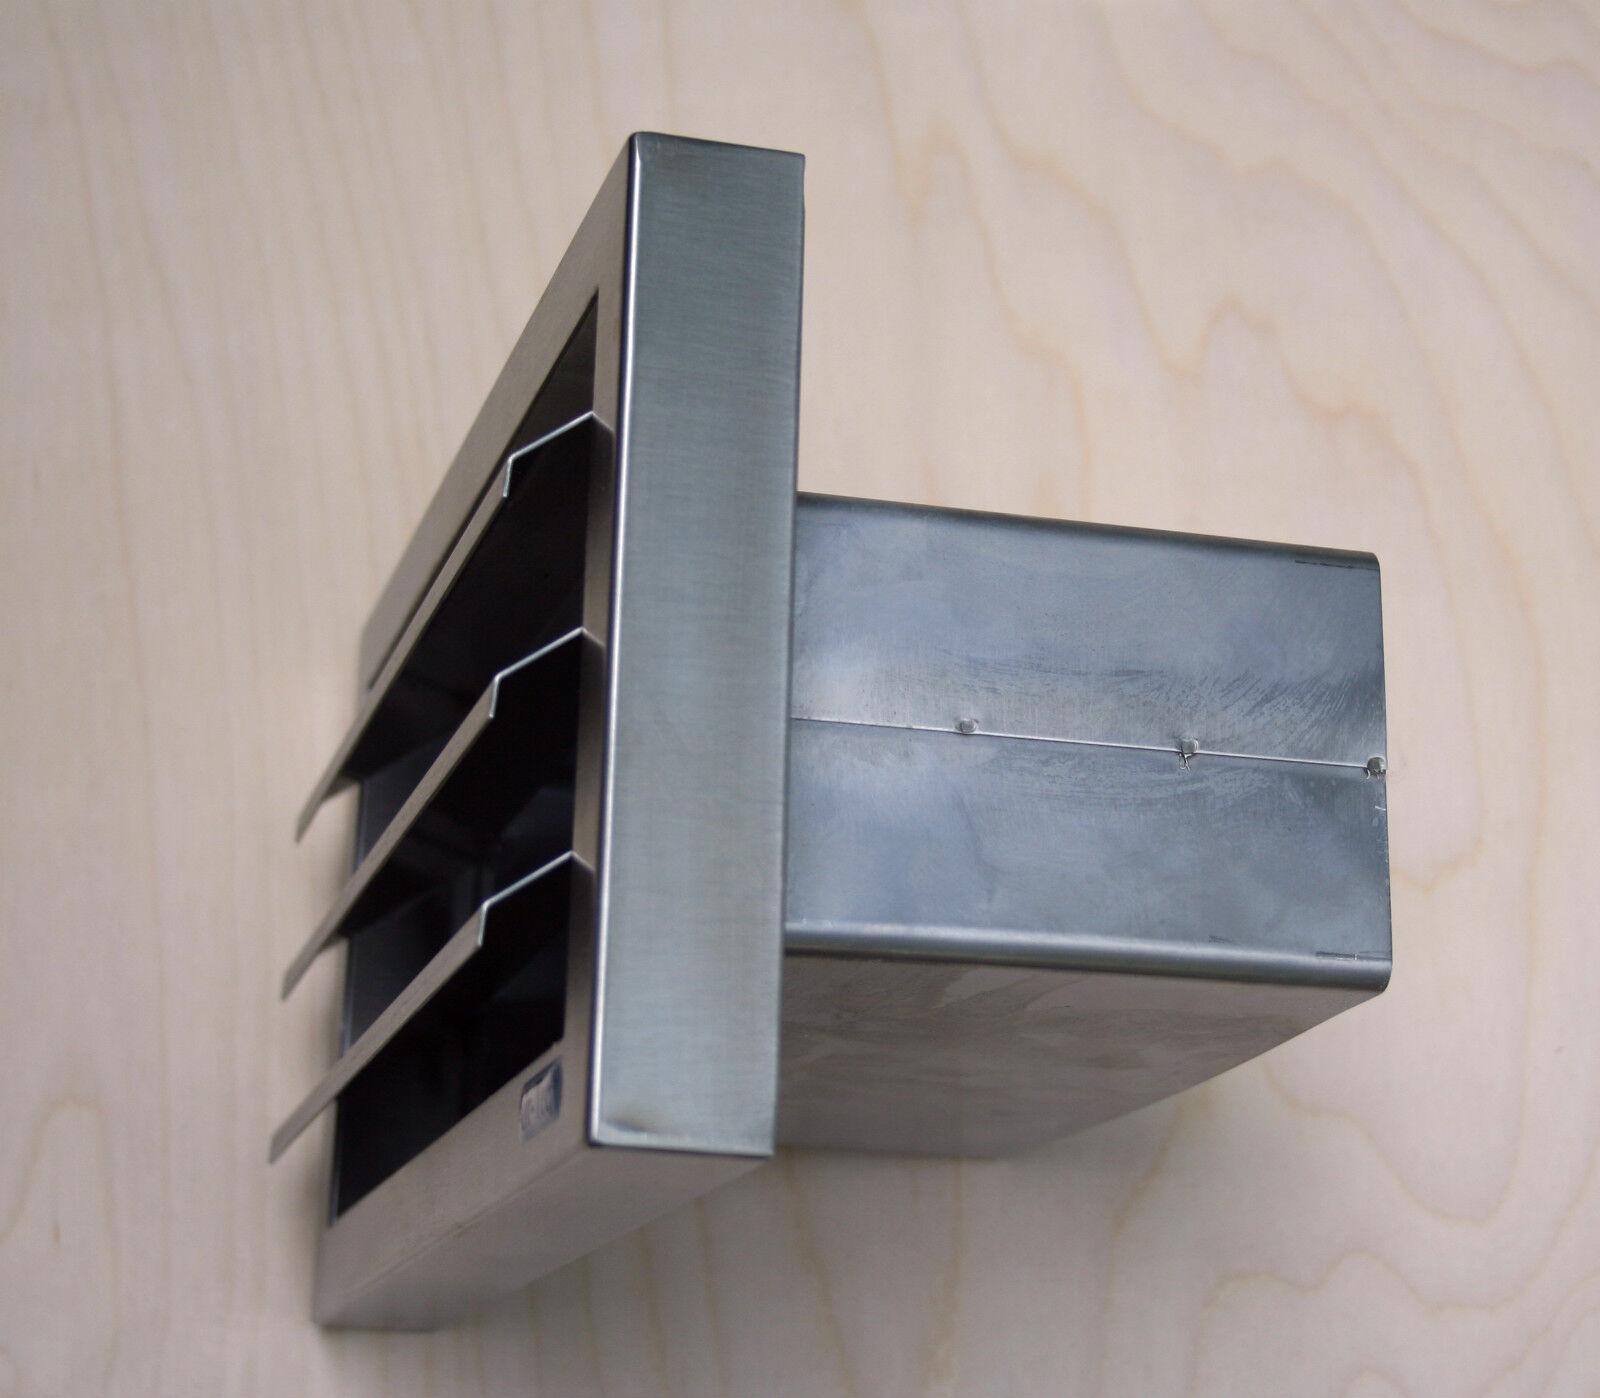 150er Abluft Set superflach Edelstahl-Mauerkasten 2m Flachkanal 23x7cm Umlenkst.